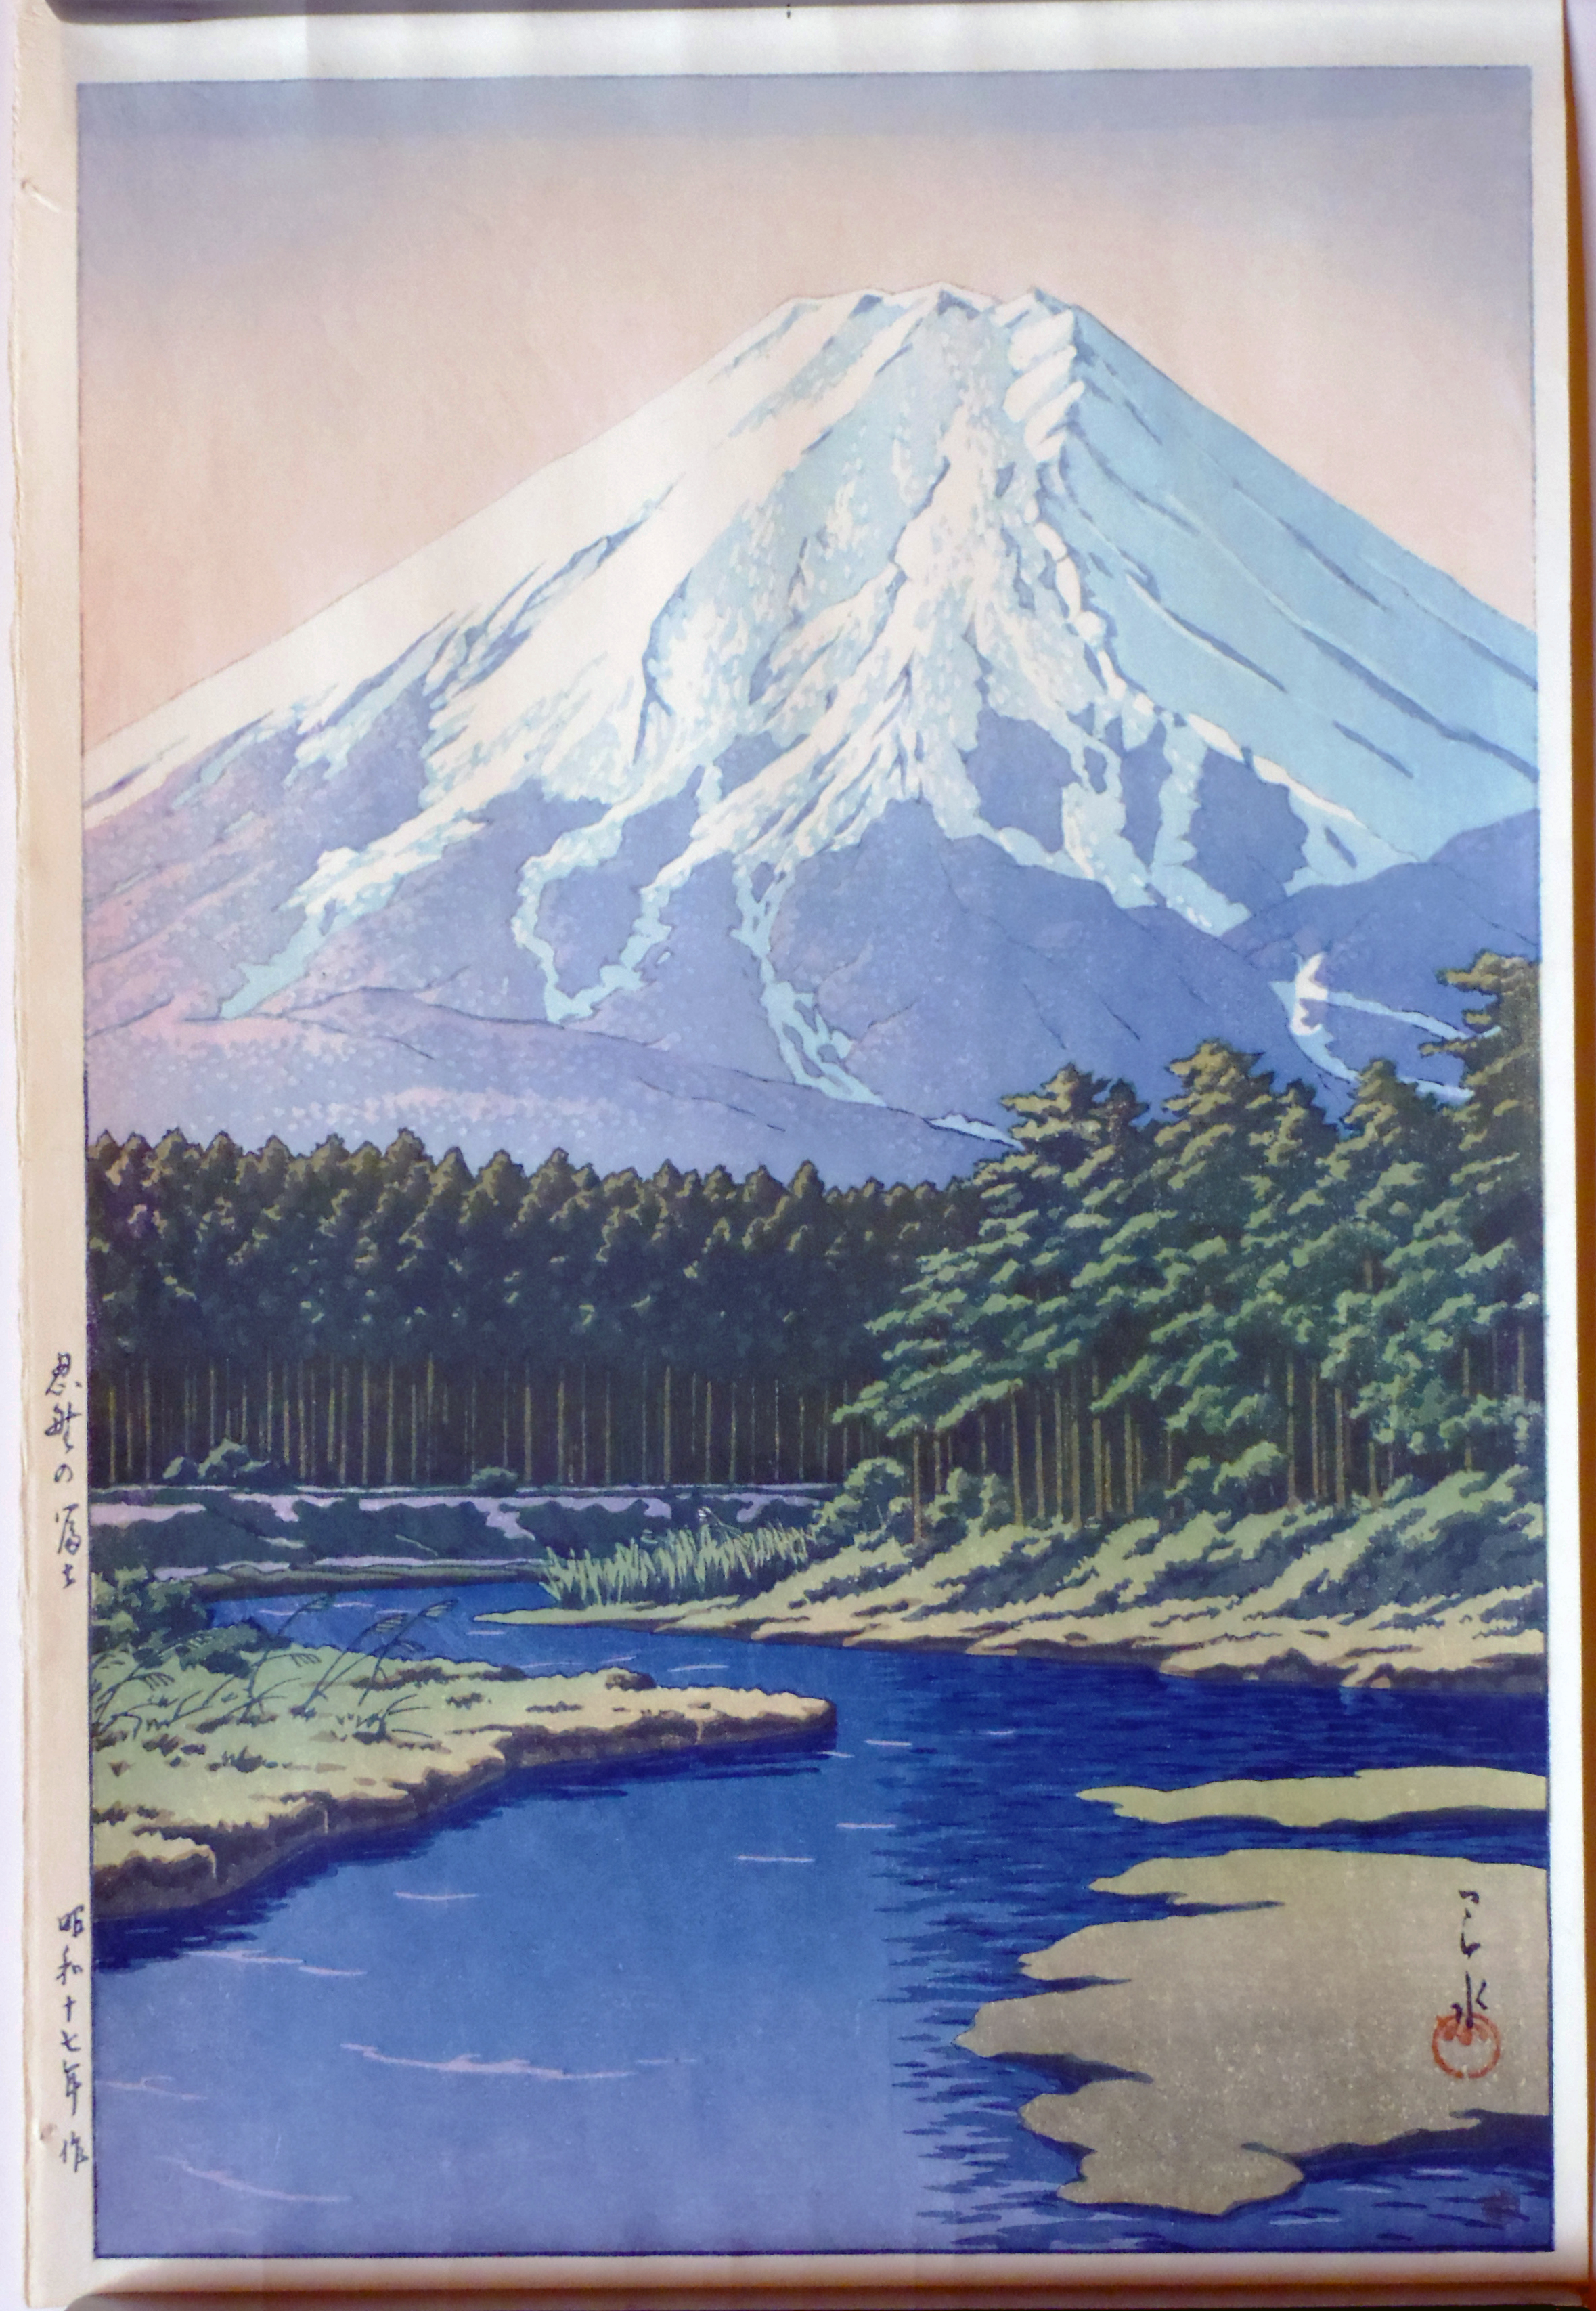 Mt. Fuji, Oshino